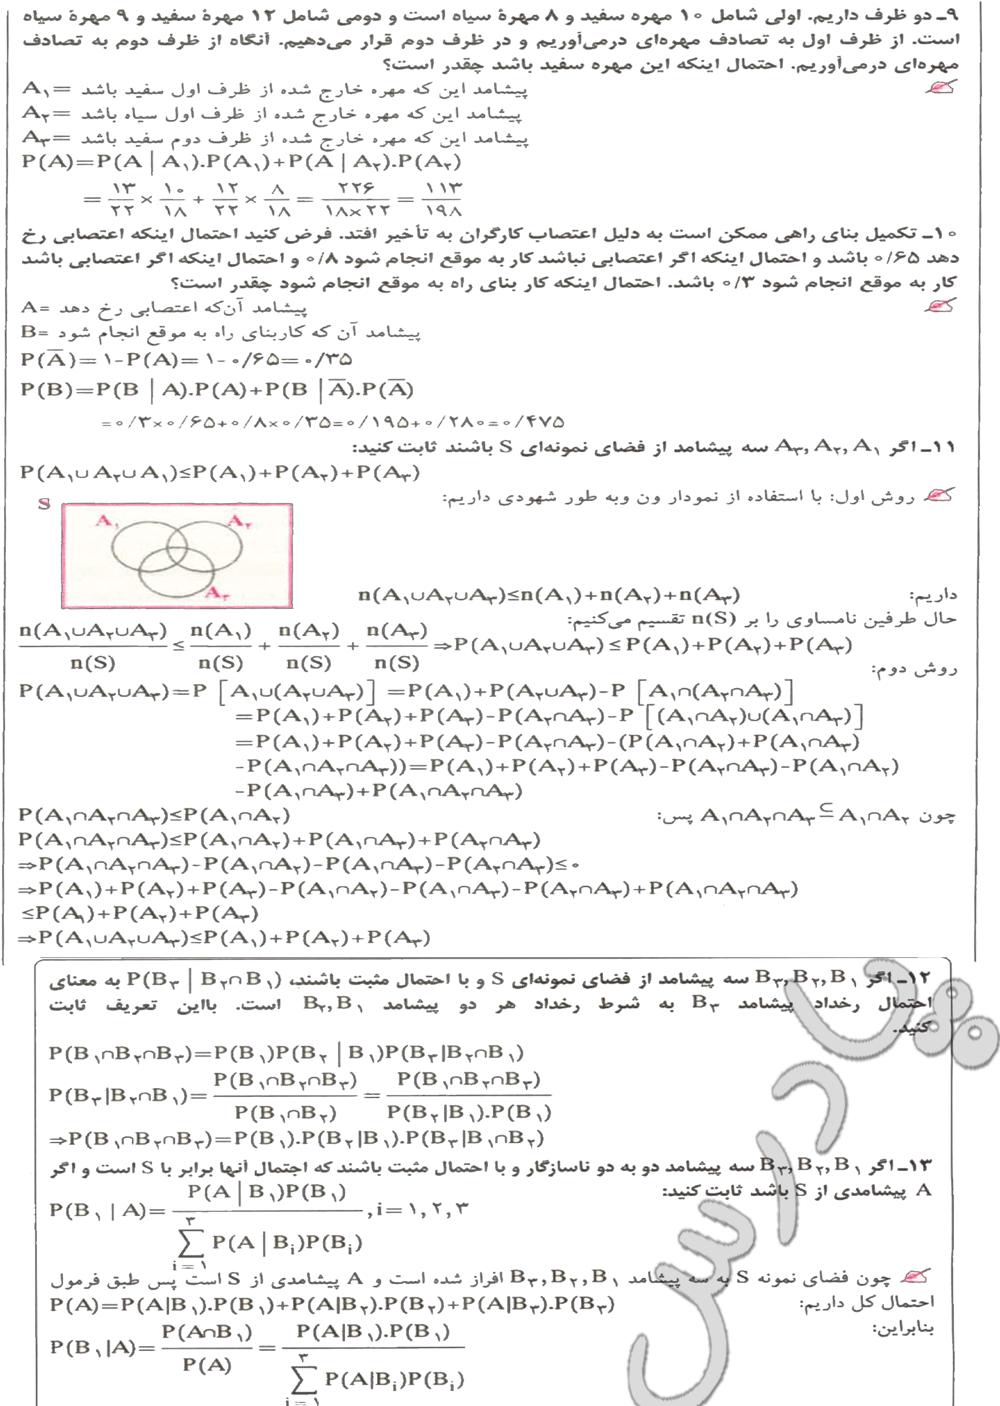 حل تمرین های 9 تا 13 آخر فصل 8 ریاضیات گسسته پیش دانشگاهی